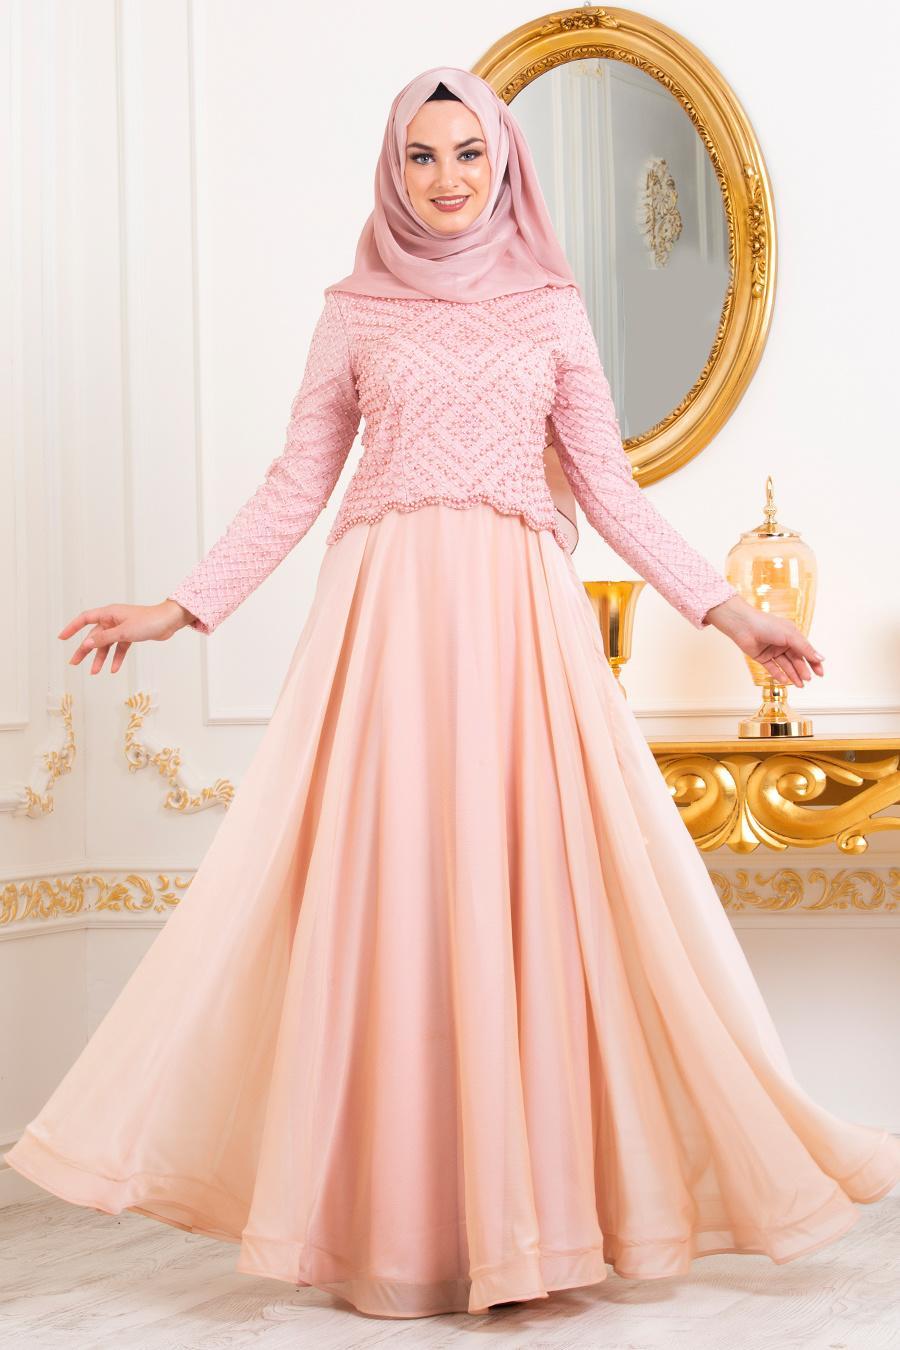 Tesettürlü Abiye Elbise - Boncuk Detaylı Somon Tesettür Abiye Elbise 31260SMN